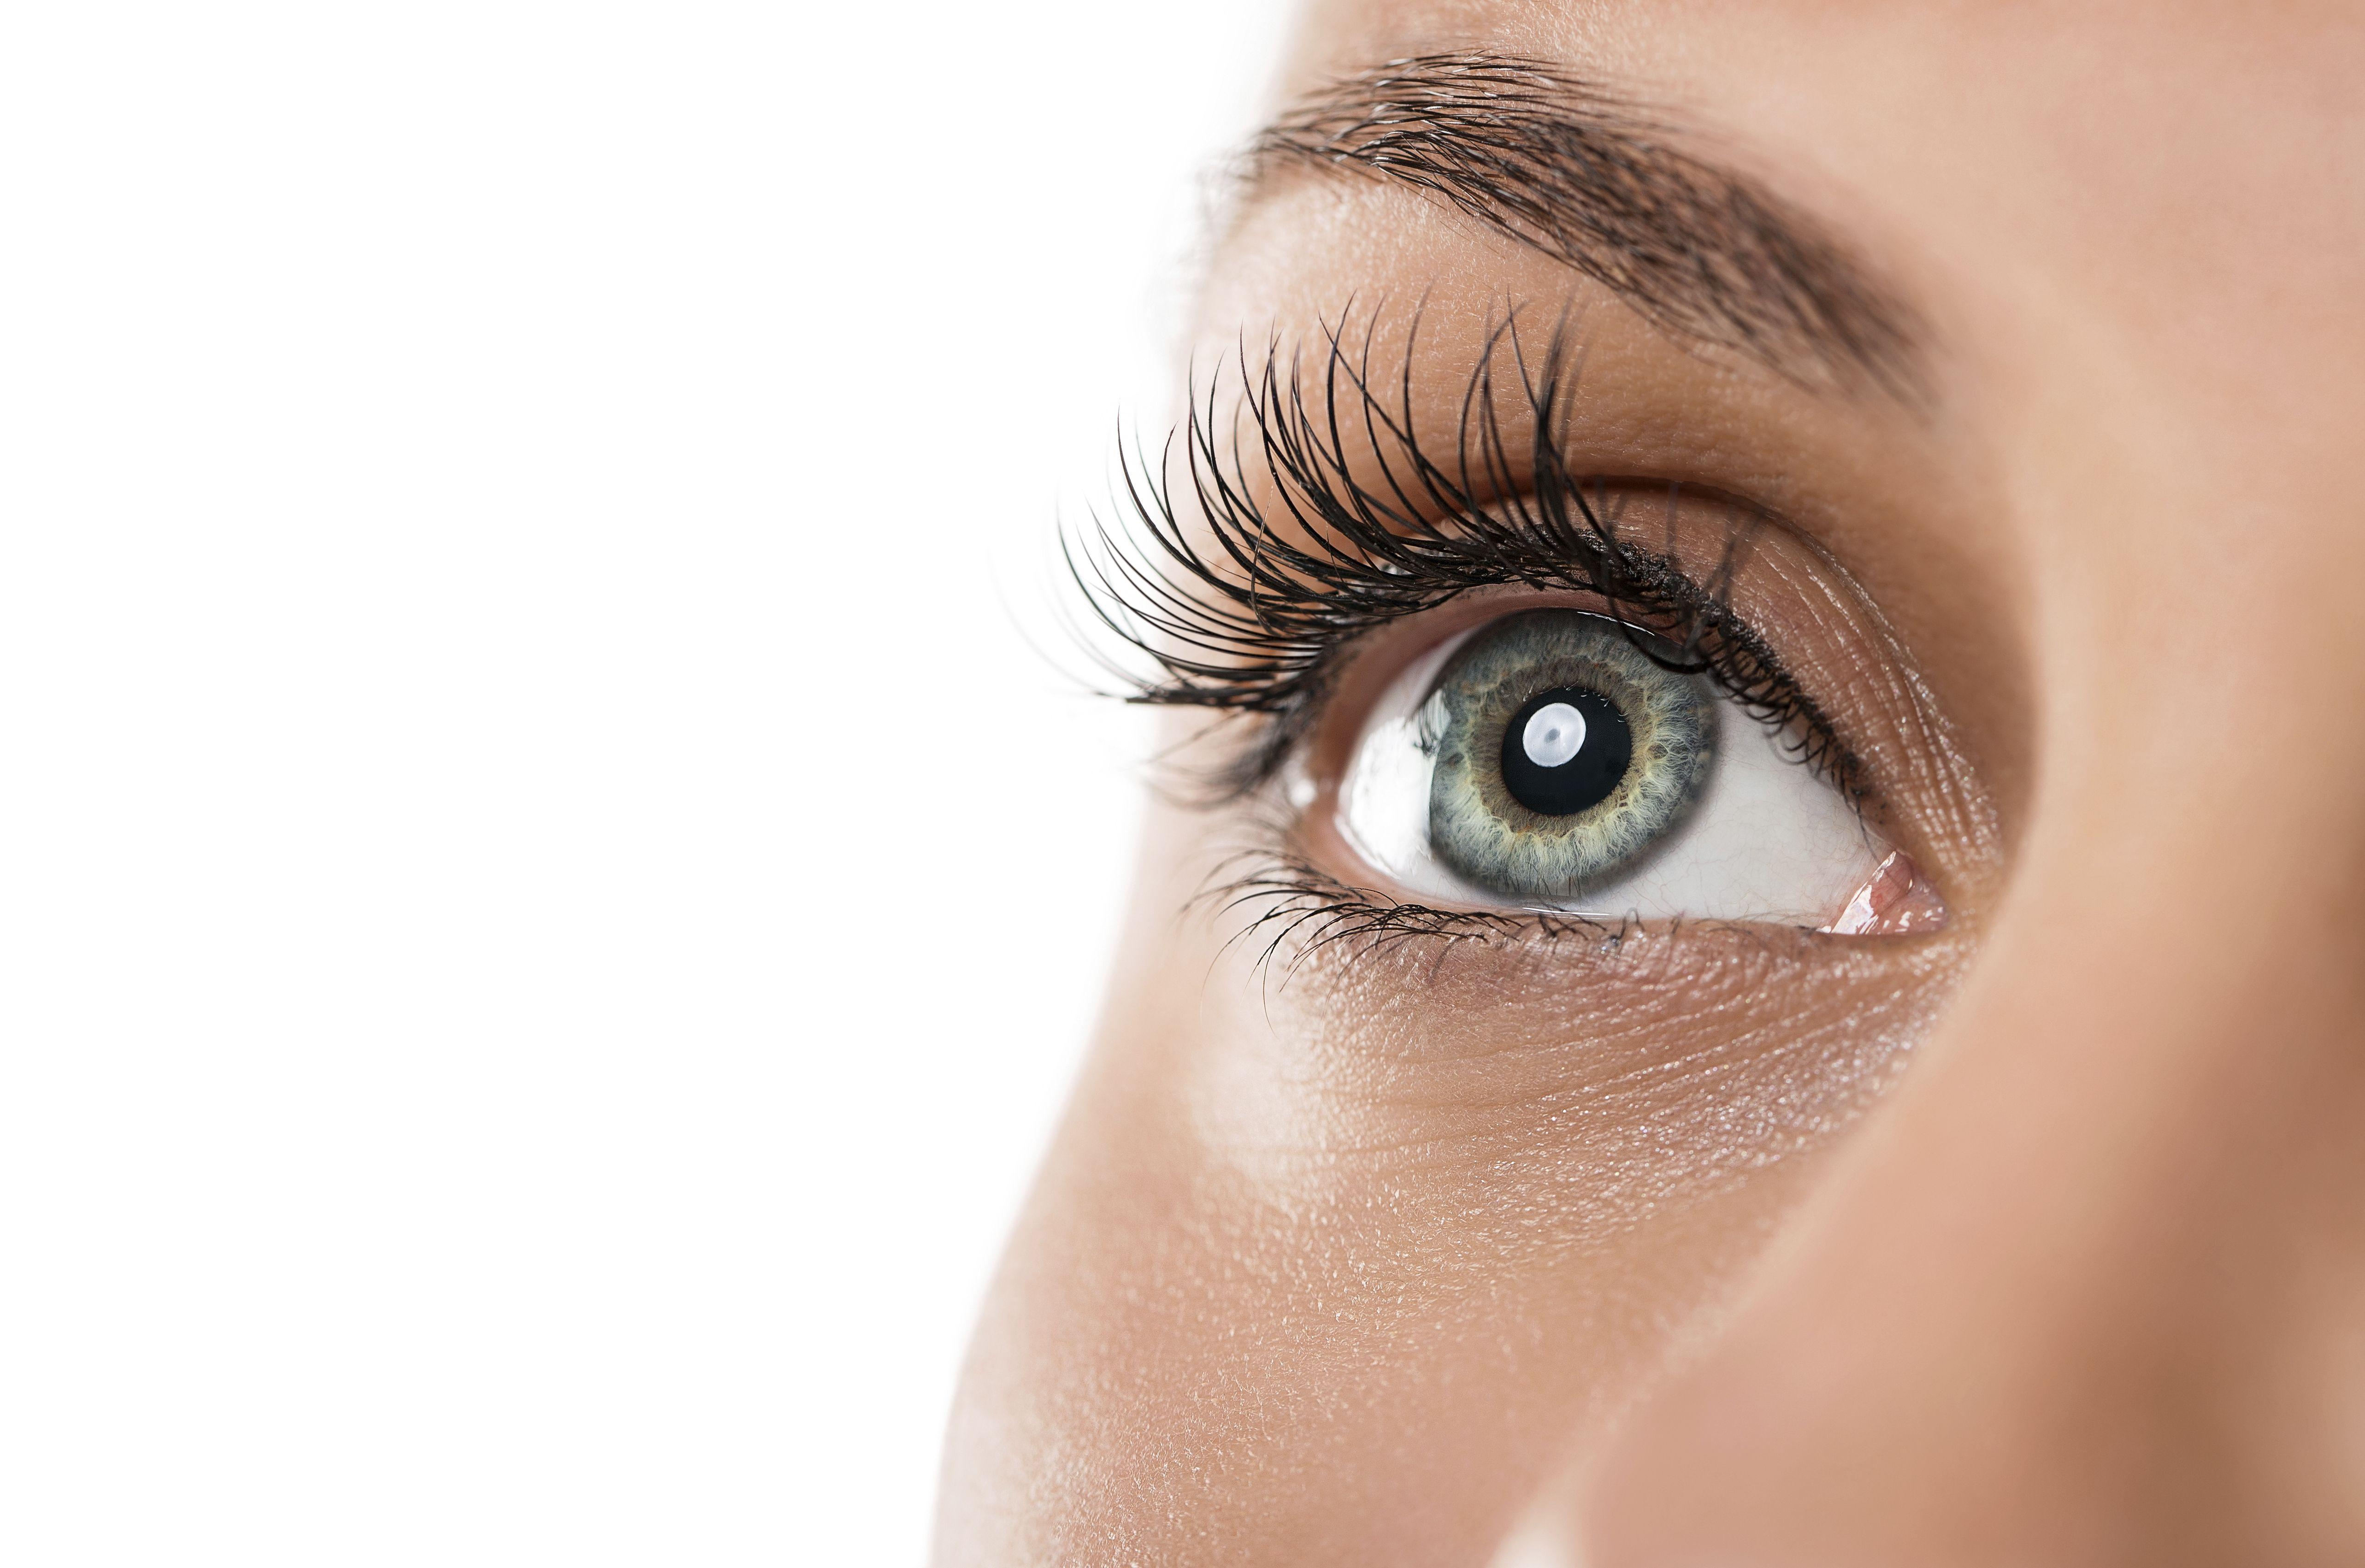 Reducción de la miopía con lentes de contacto Orto-K: Servicios de Óptica Galileo